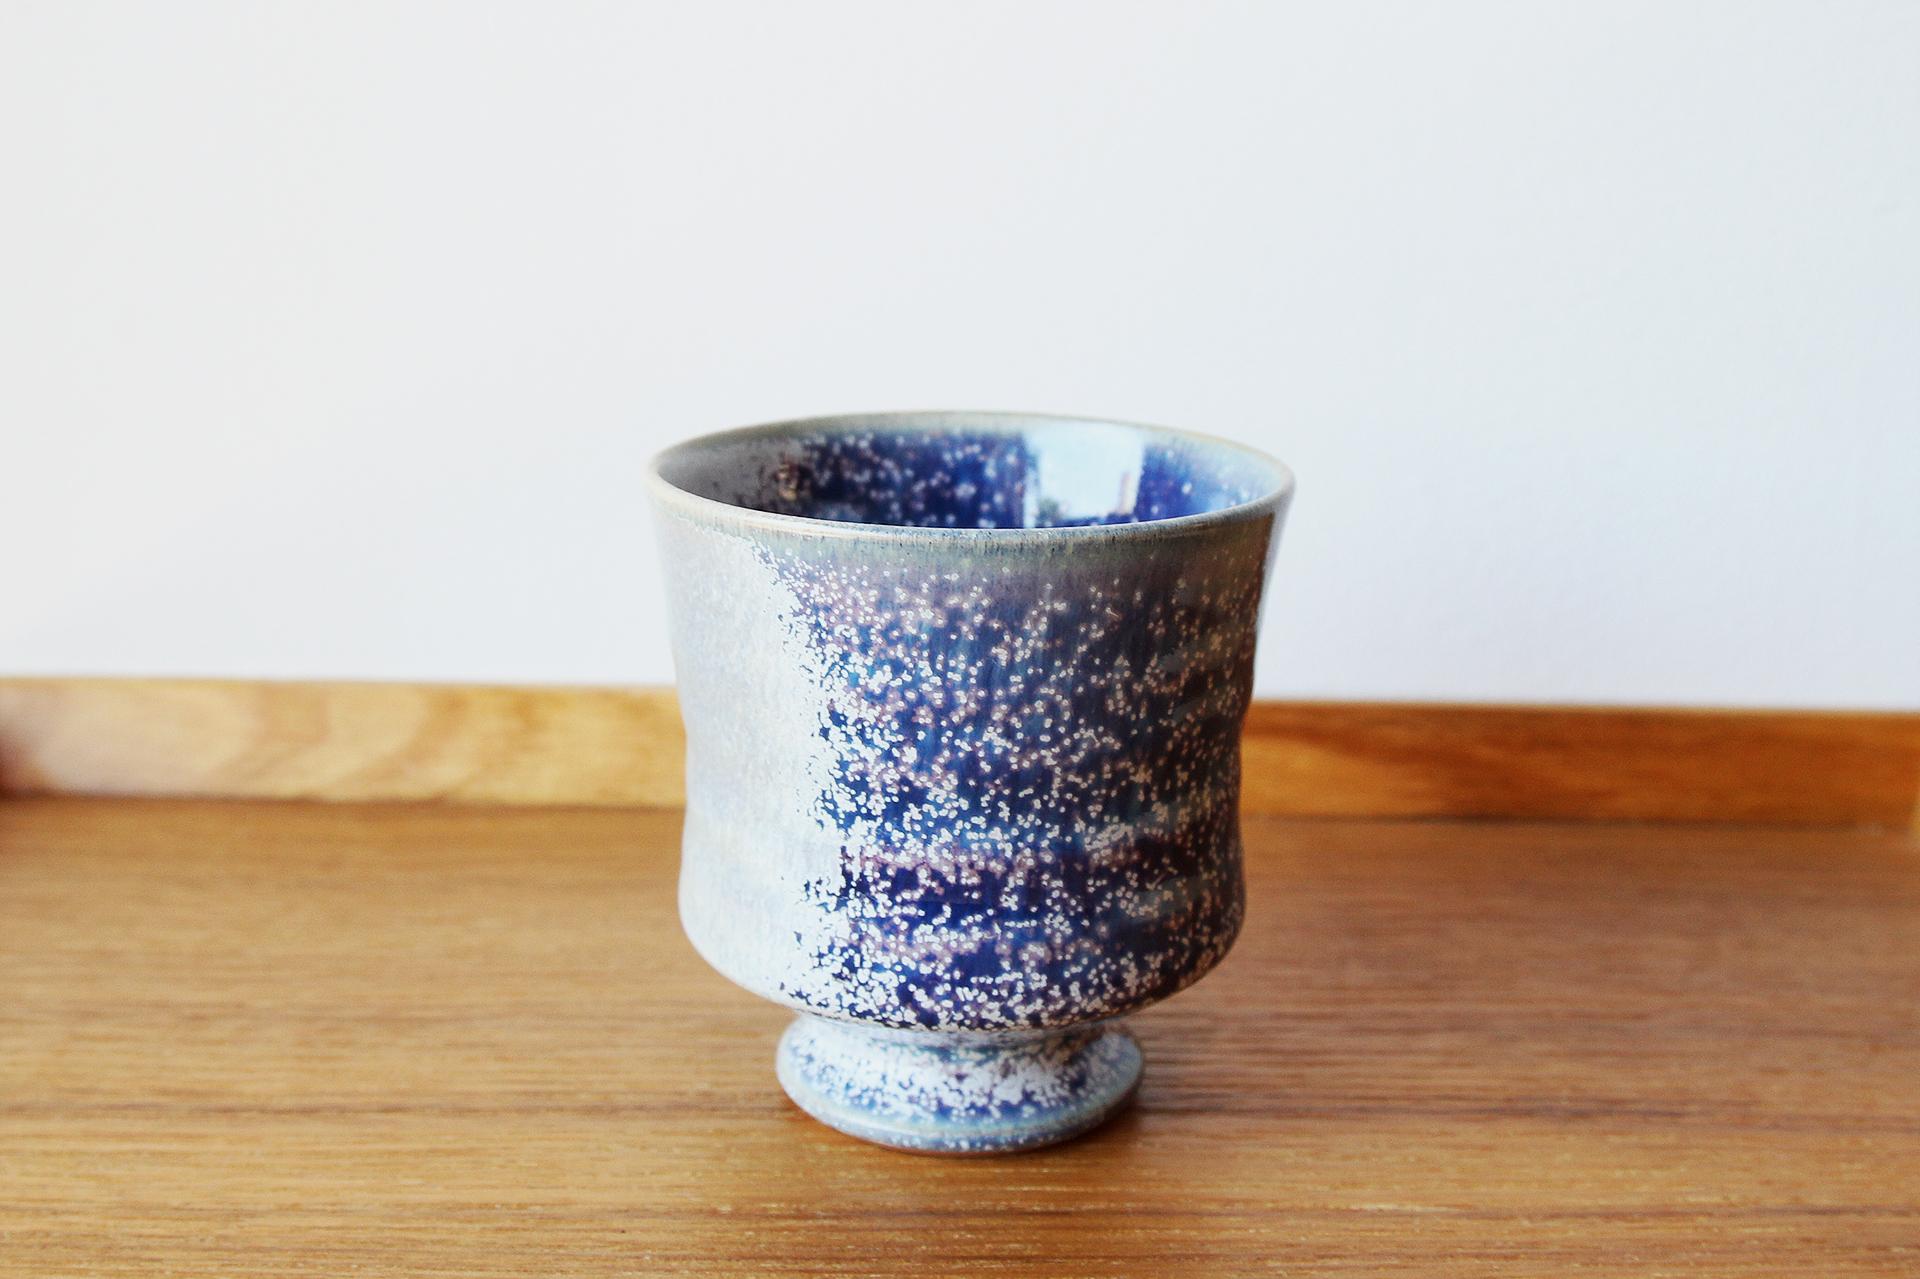 蒼天釉 酒器(台付き) 【見野大介/陶器/奈良】(一点物)